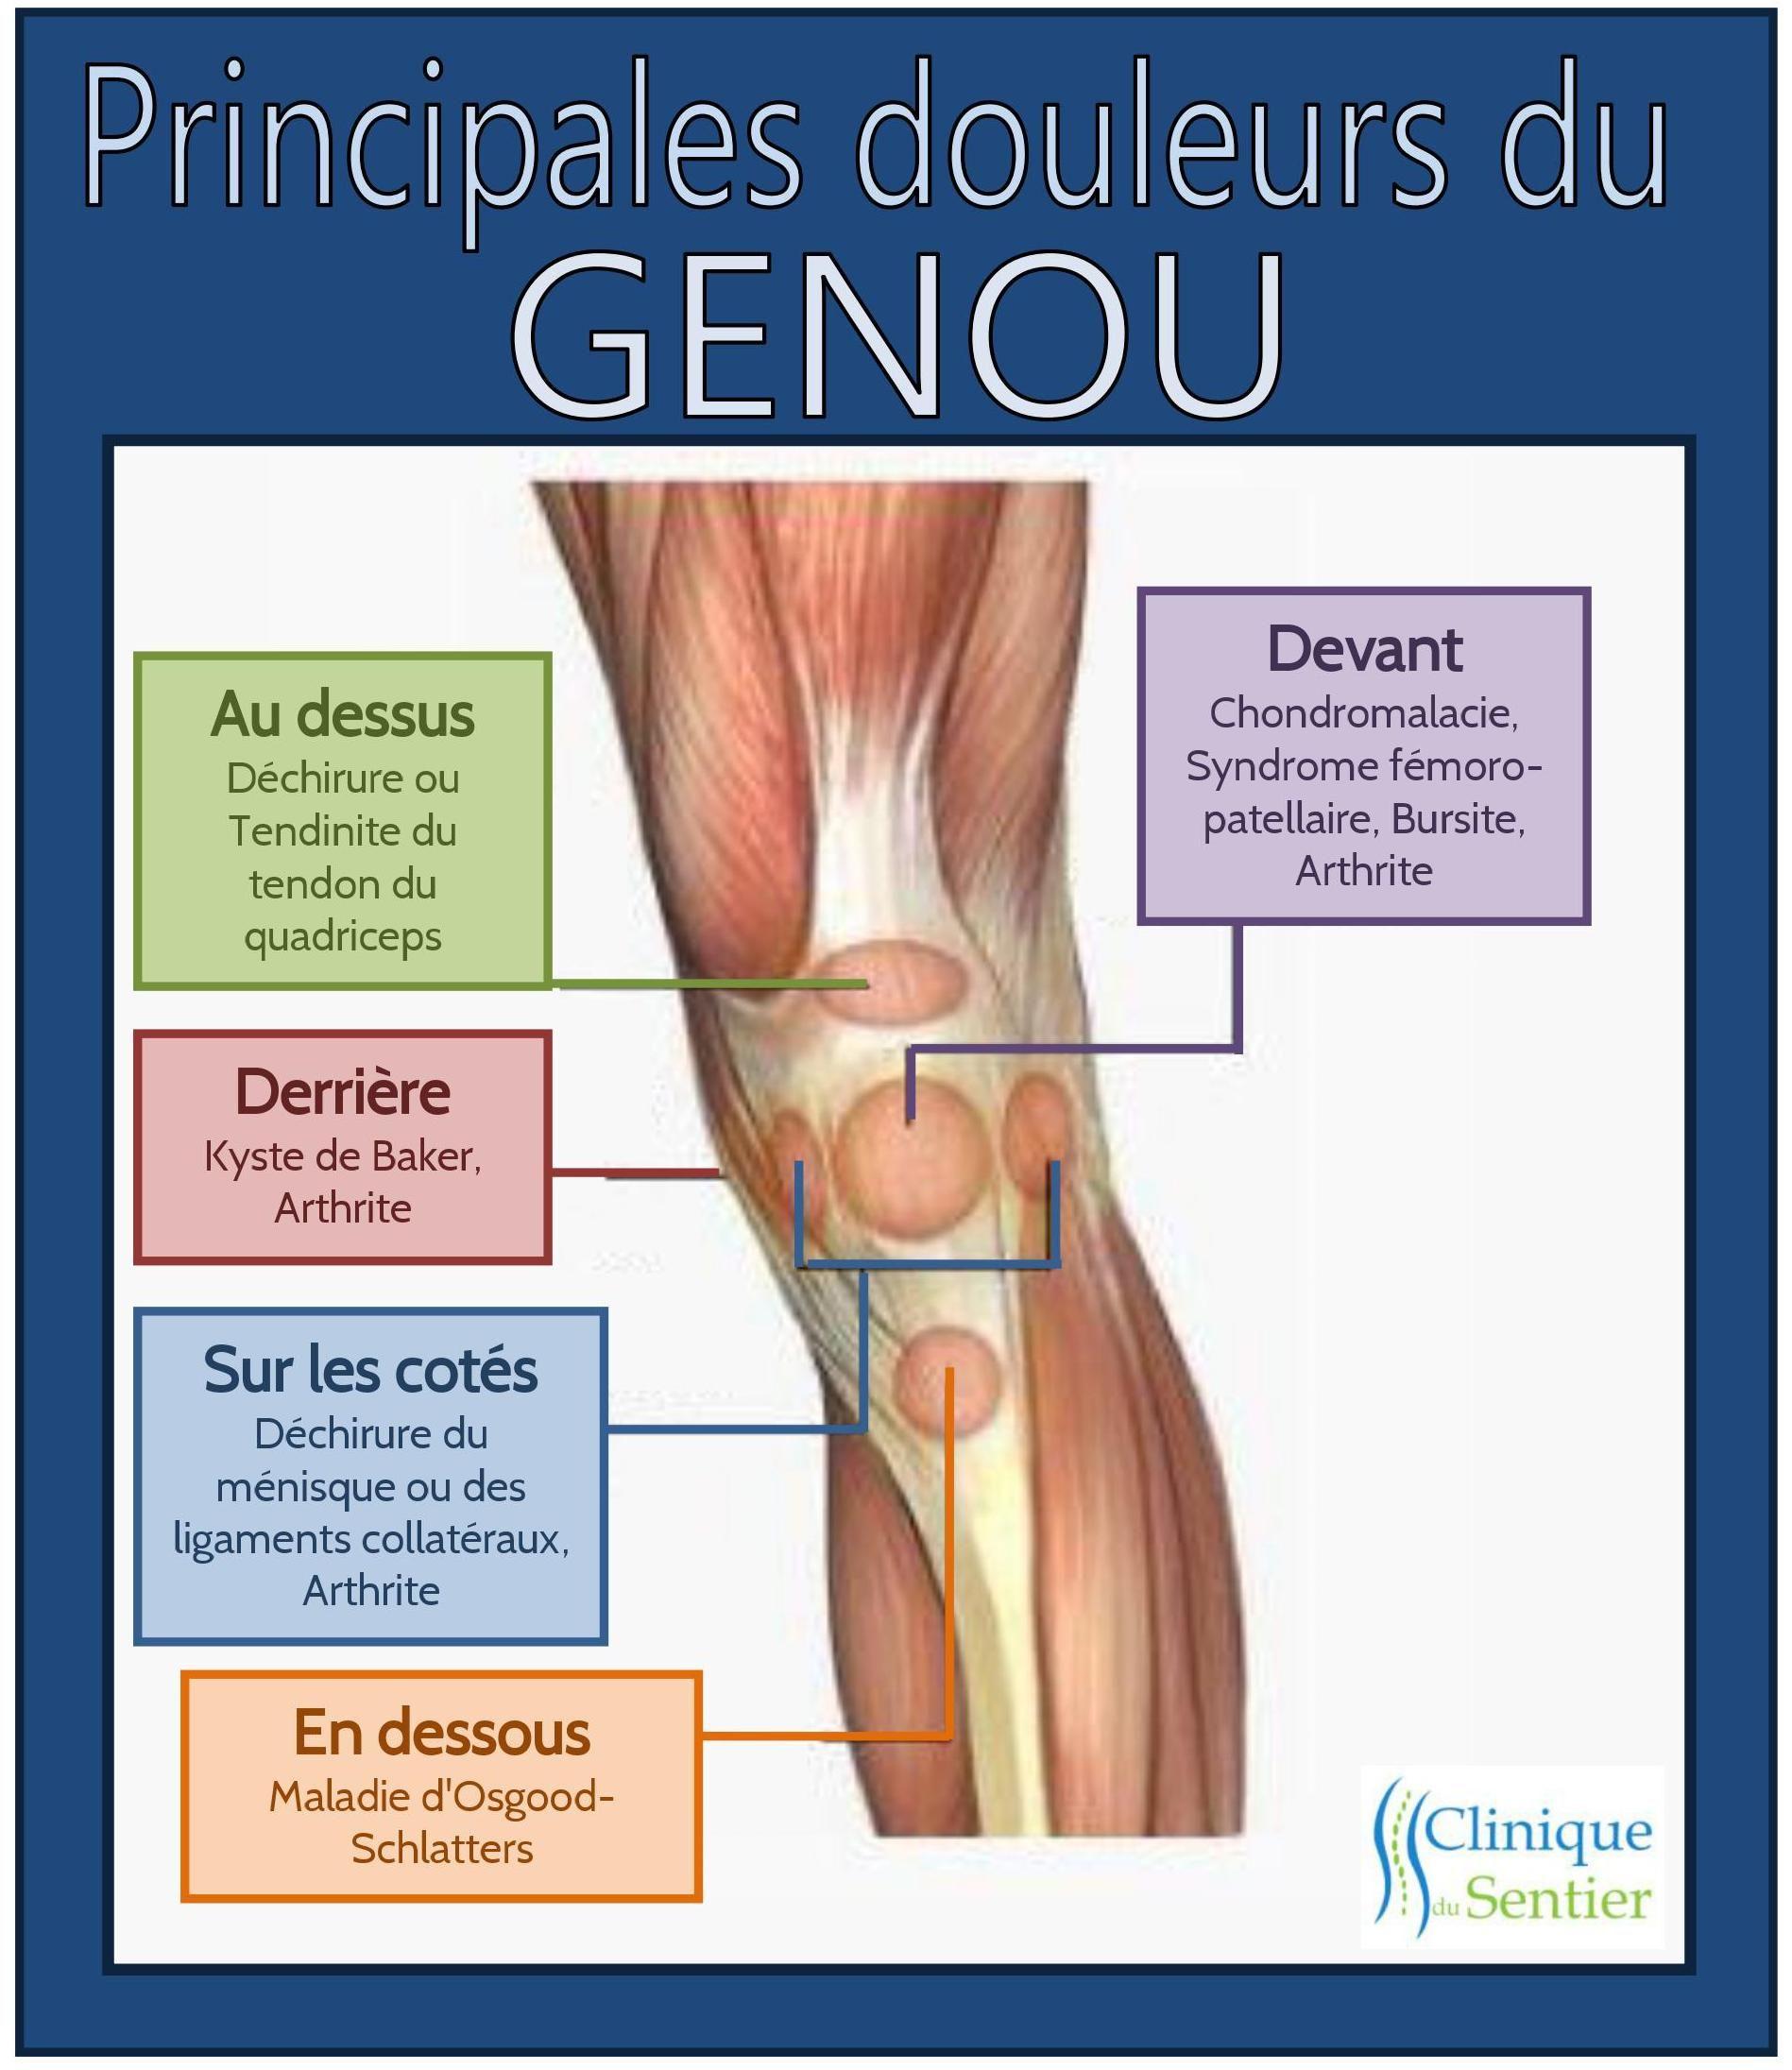 le genou est essentiel 224 notre mobilit 233 et 224 notre stabilit 233 durant certains mouvements comme